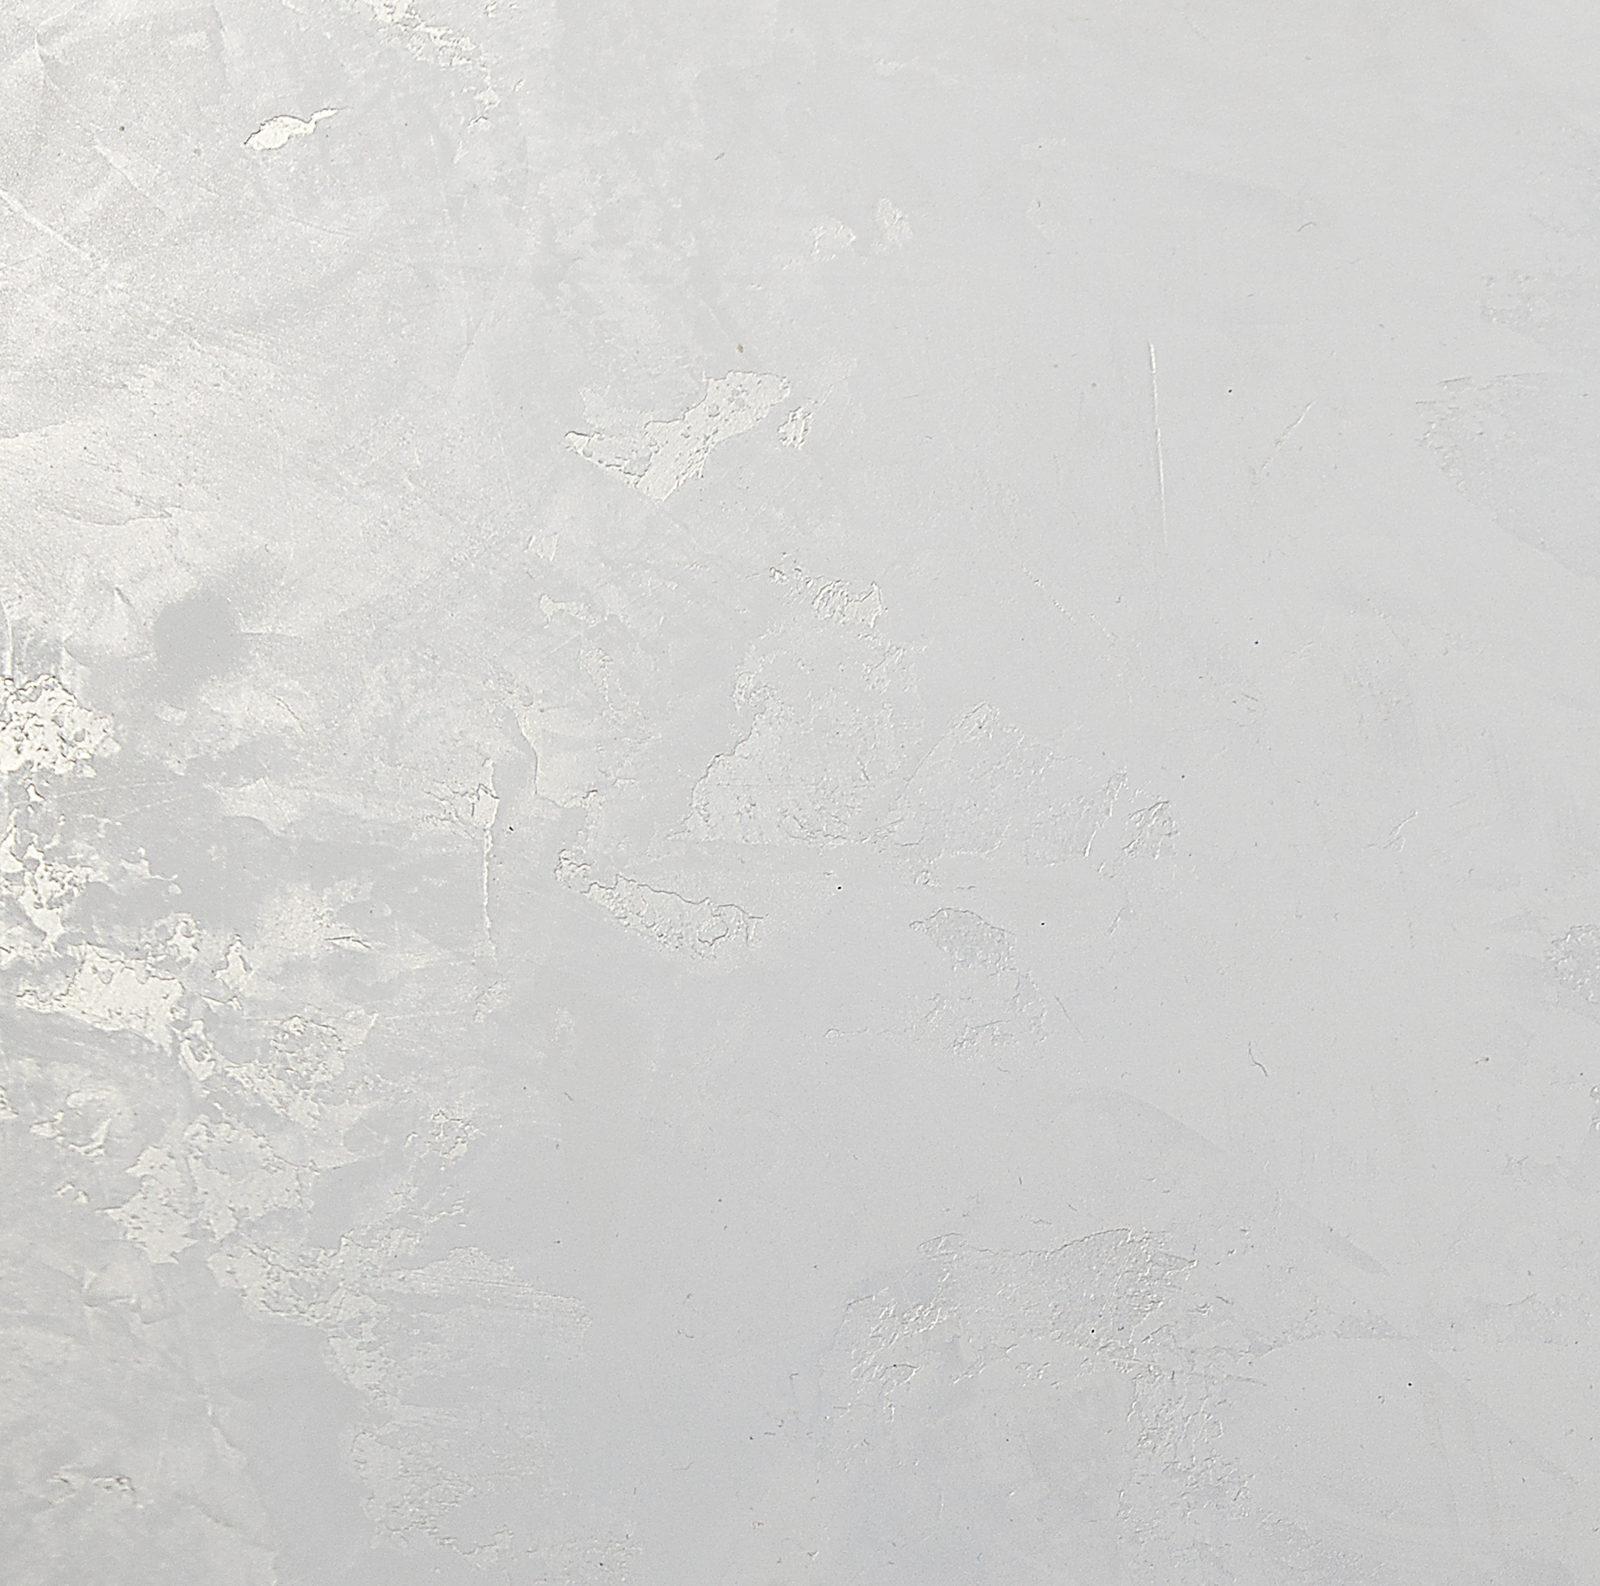 фото Марокканская штукатурка под полудрагоценный камень